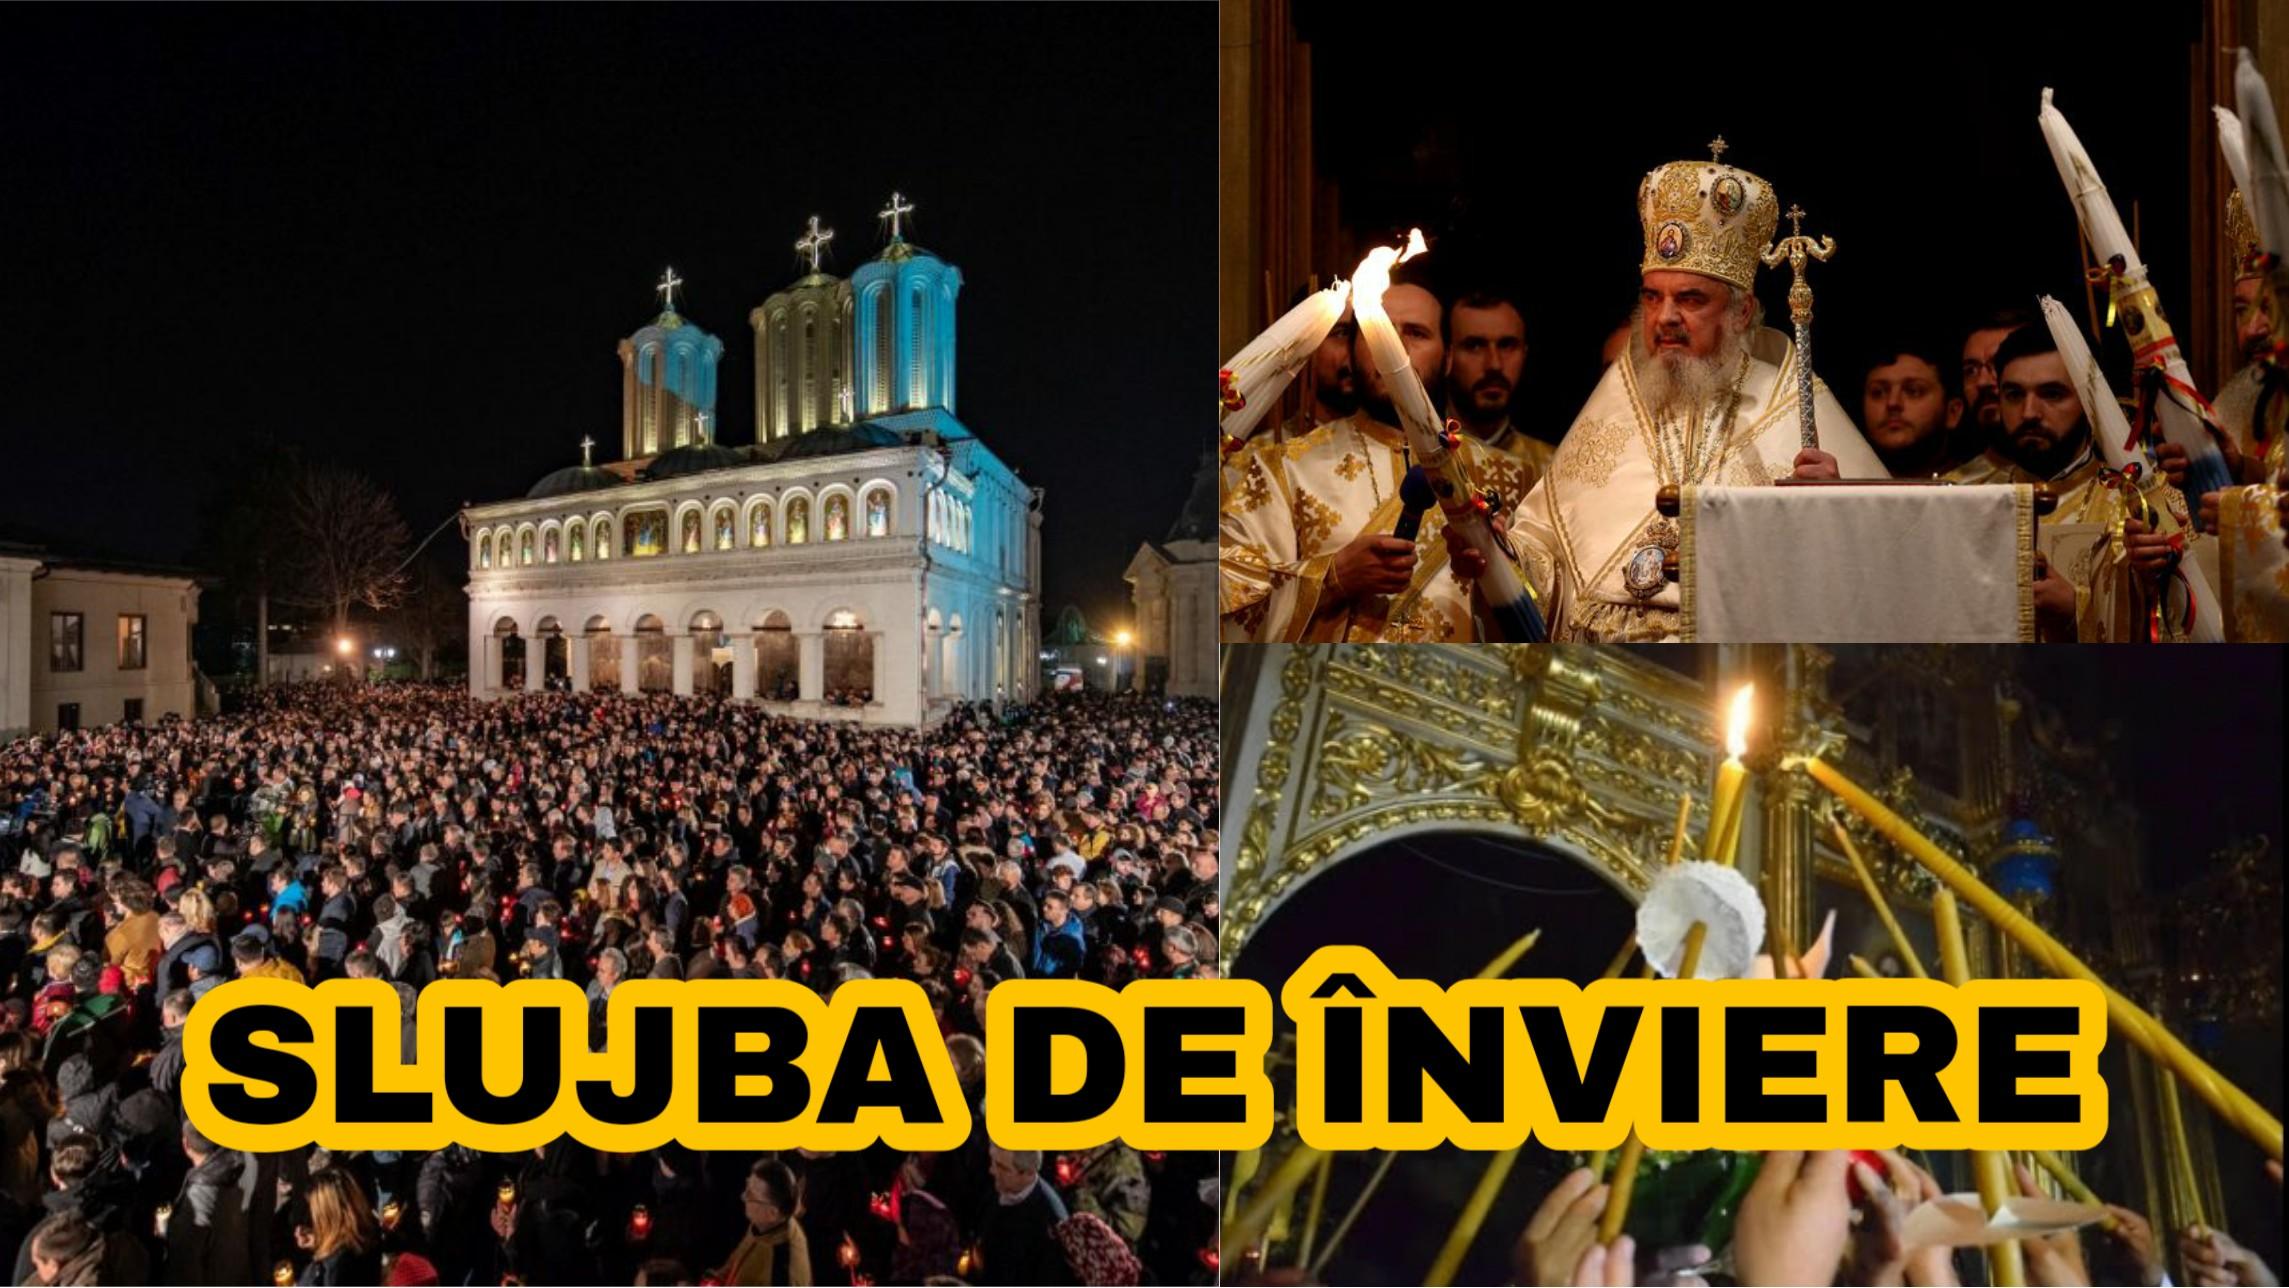 DECIZIA luată de Biserica Ortodoxă Română! Măsuri speciale pentru slujba de ÎNVIERE